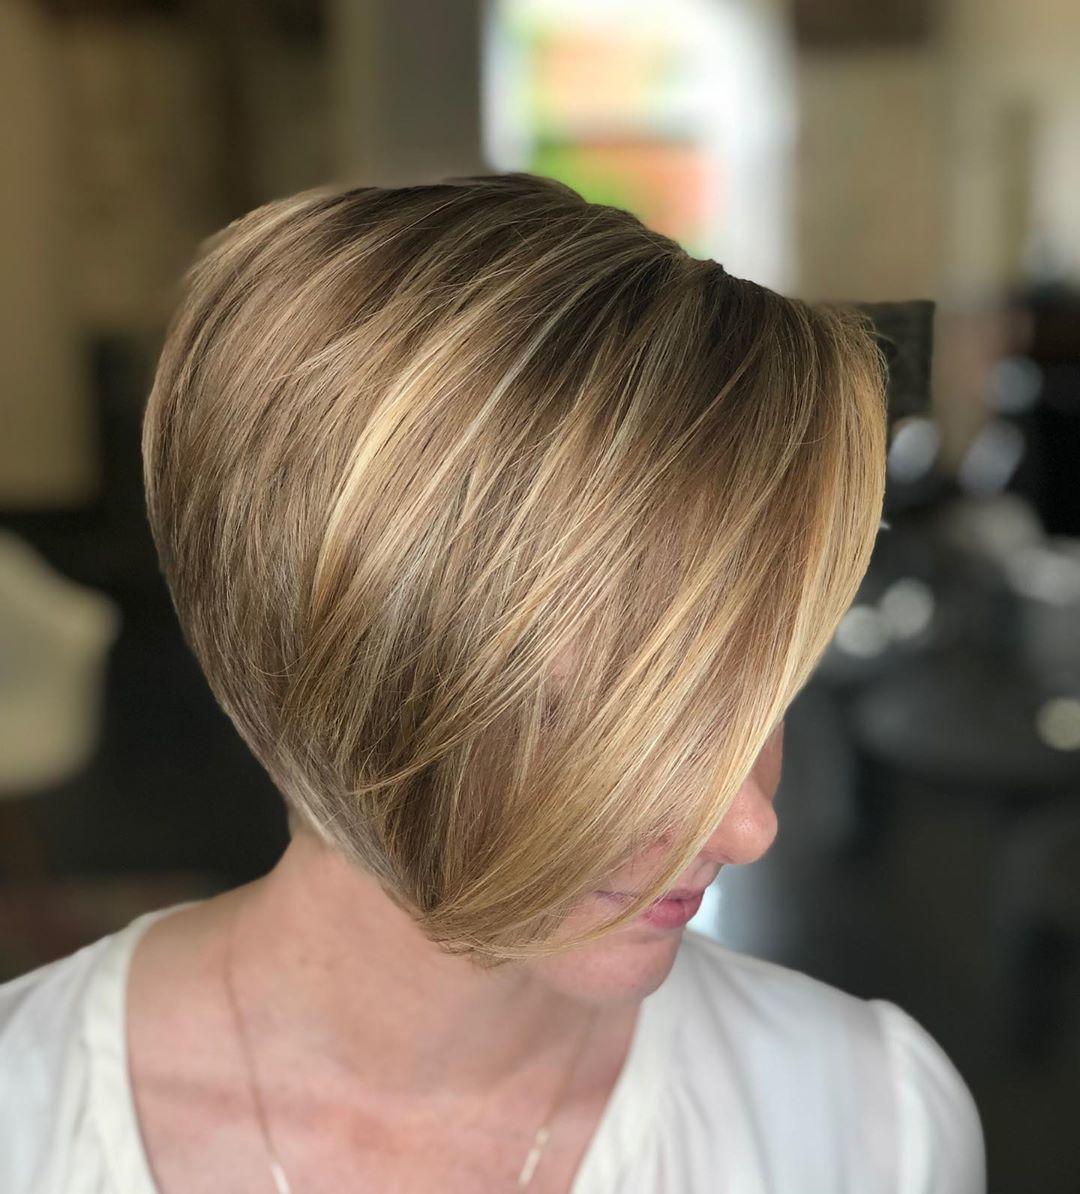 femme avec une coupe de lutin blonde foncée